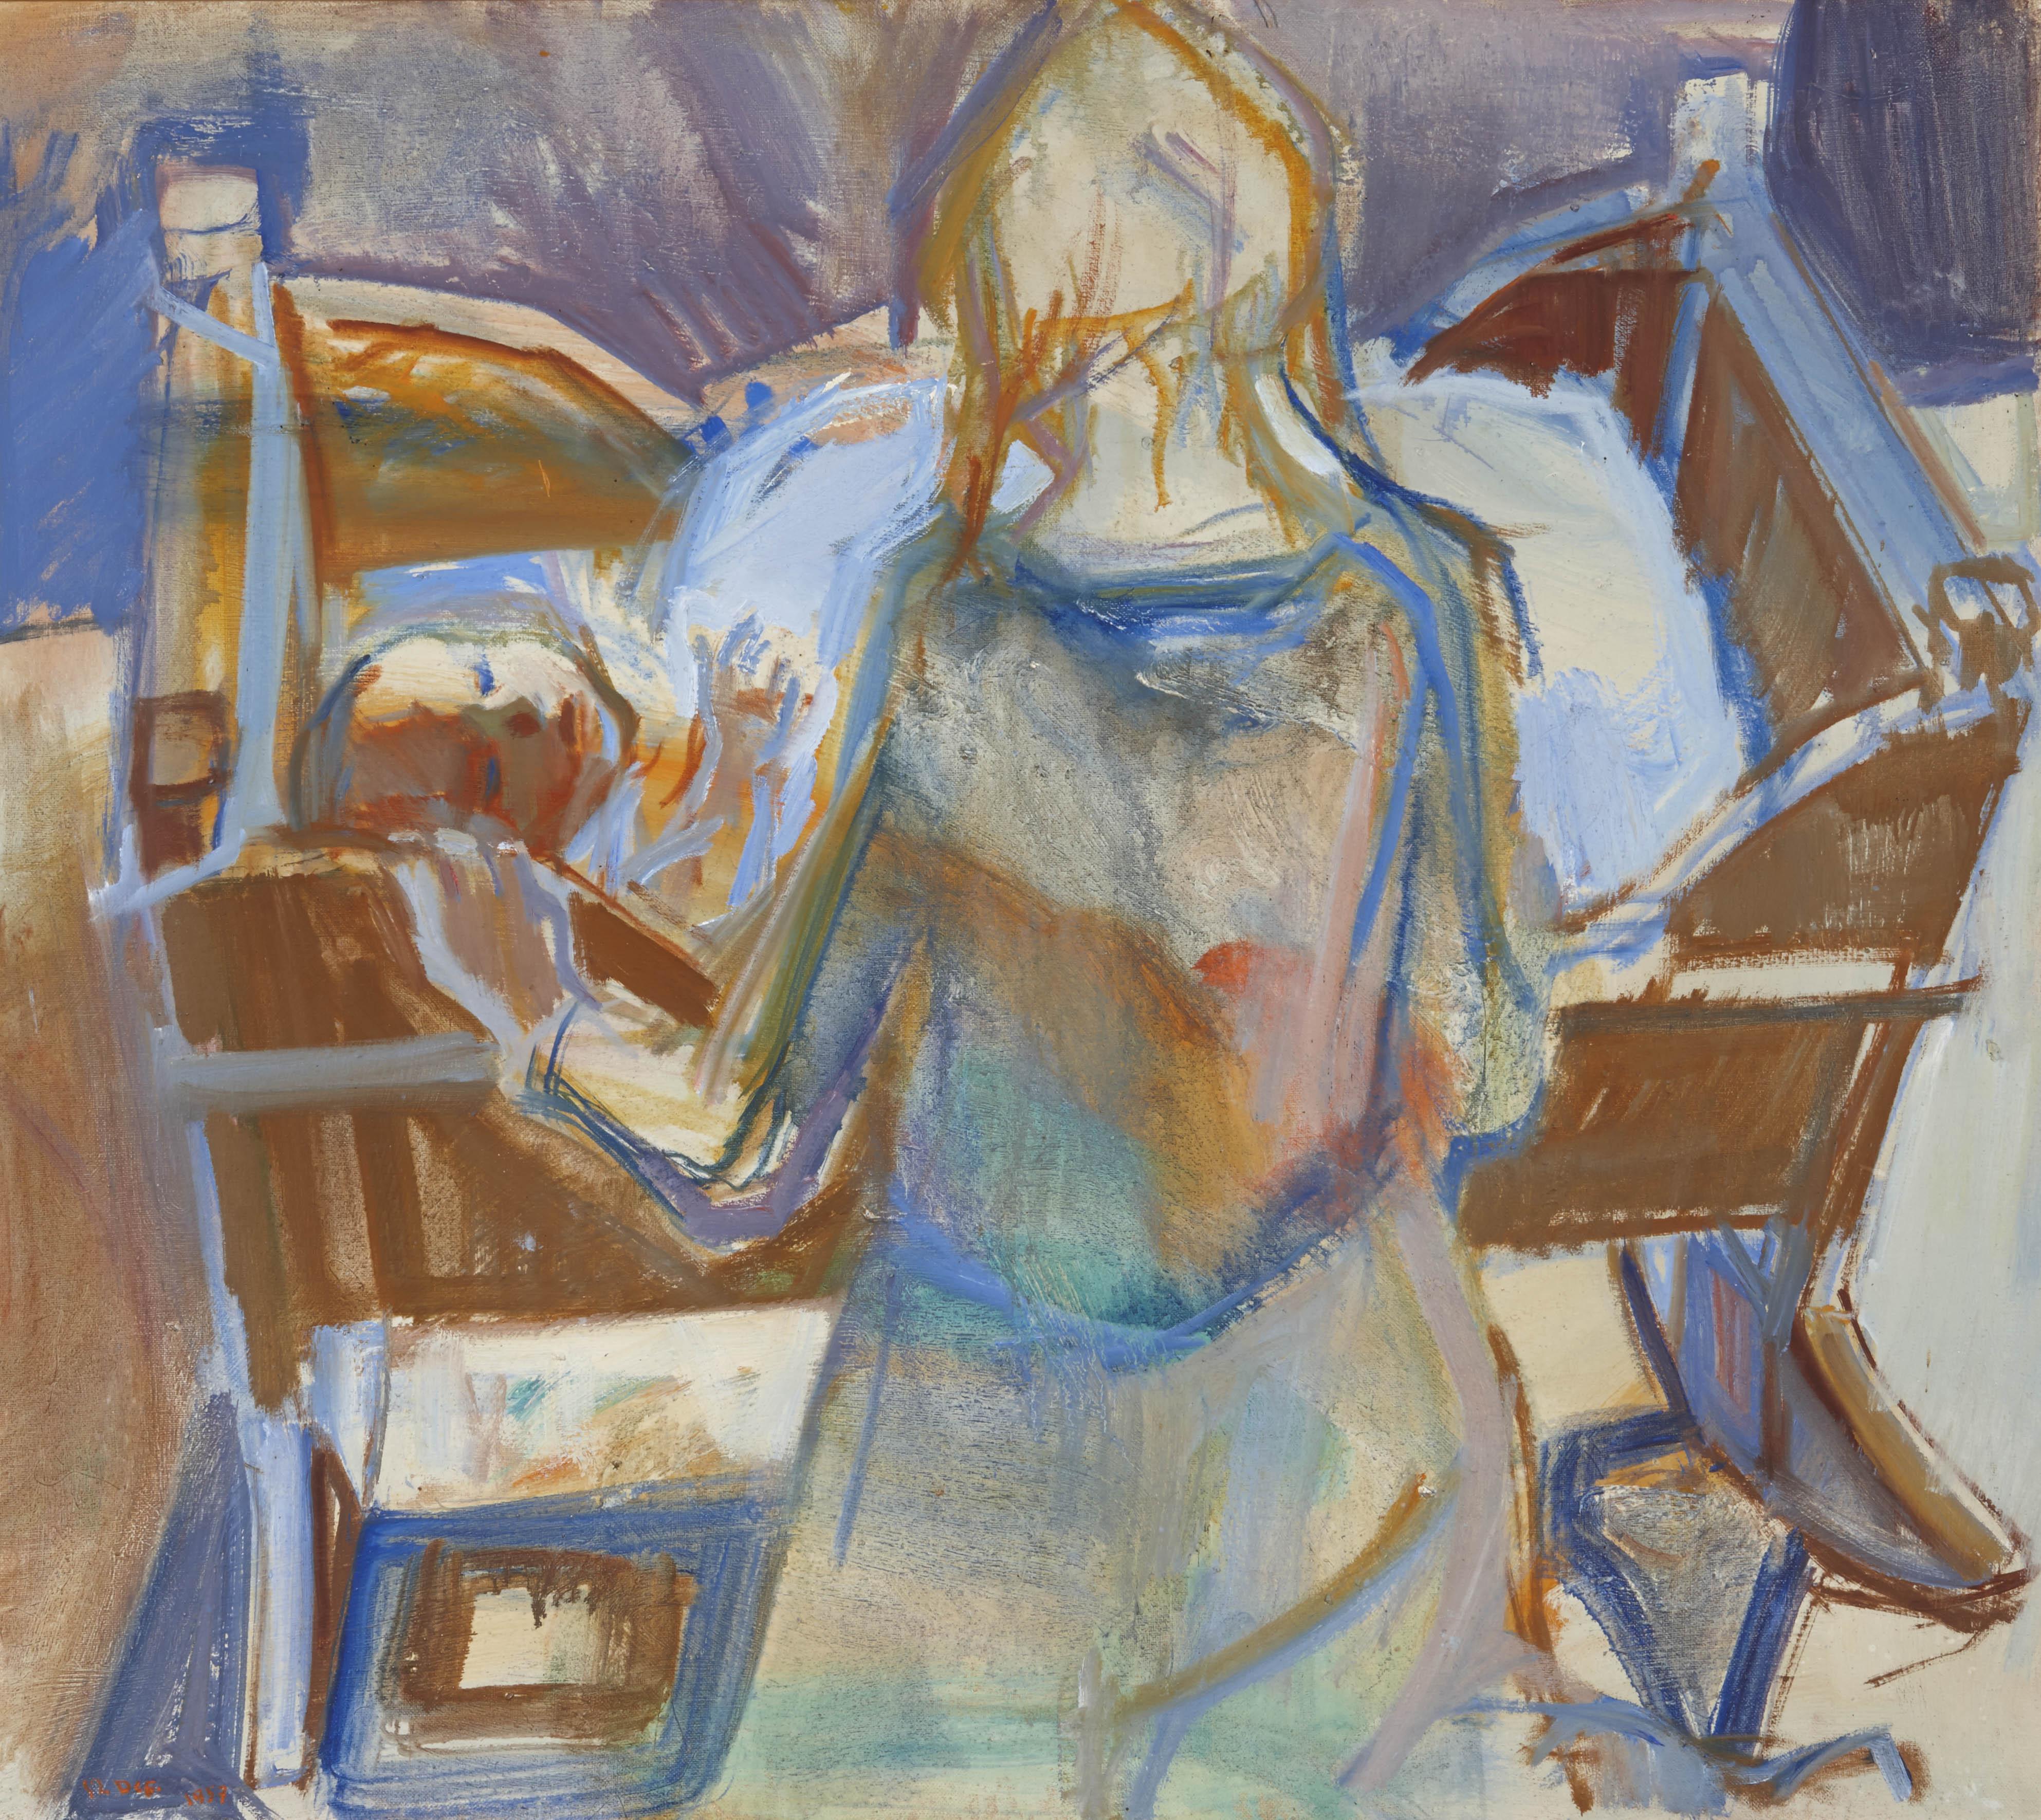 Tidssvarende Odsherreds blå maler - indtryk af Poul S. Nielsen YF-75